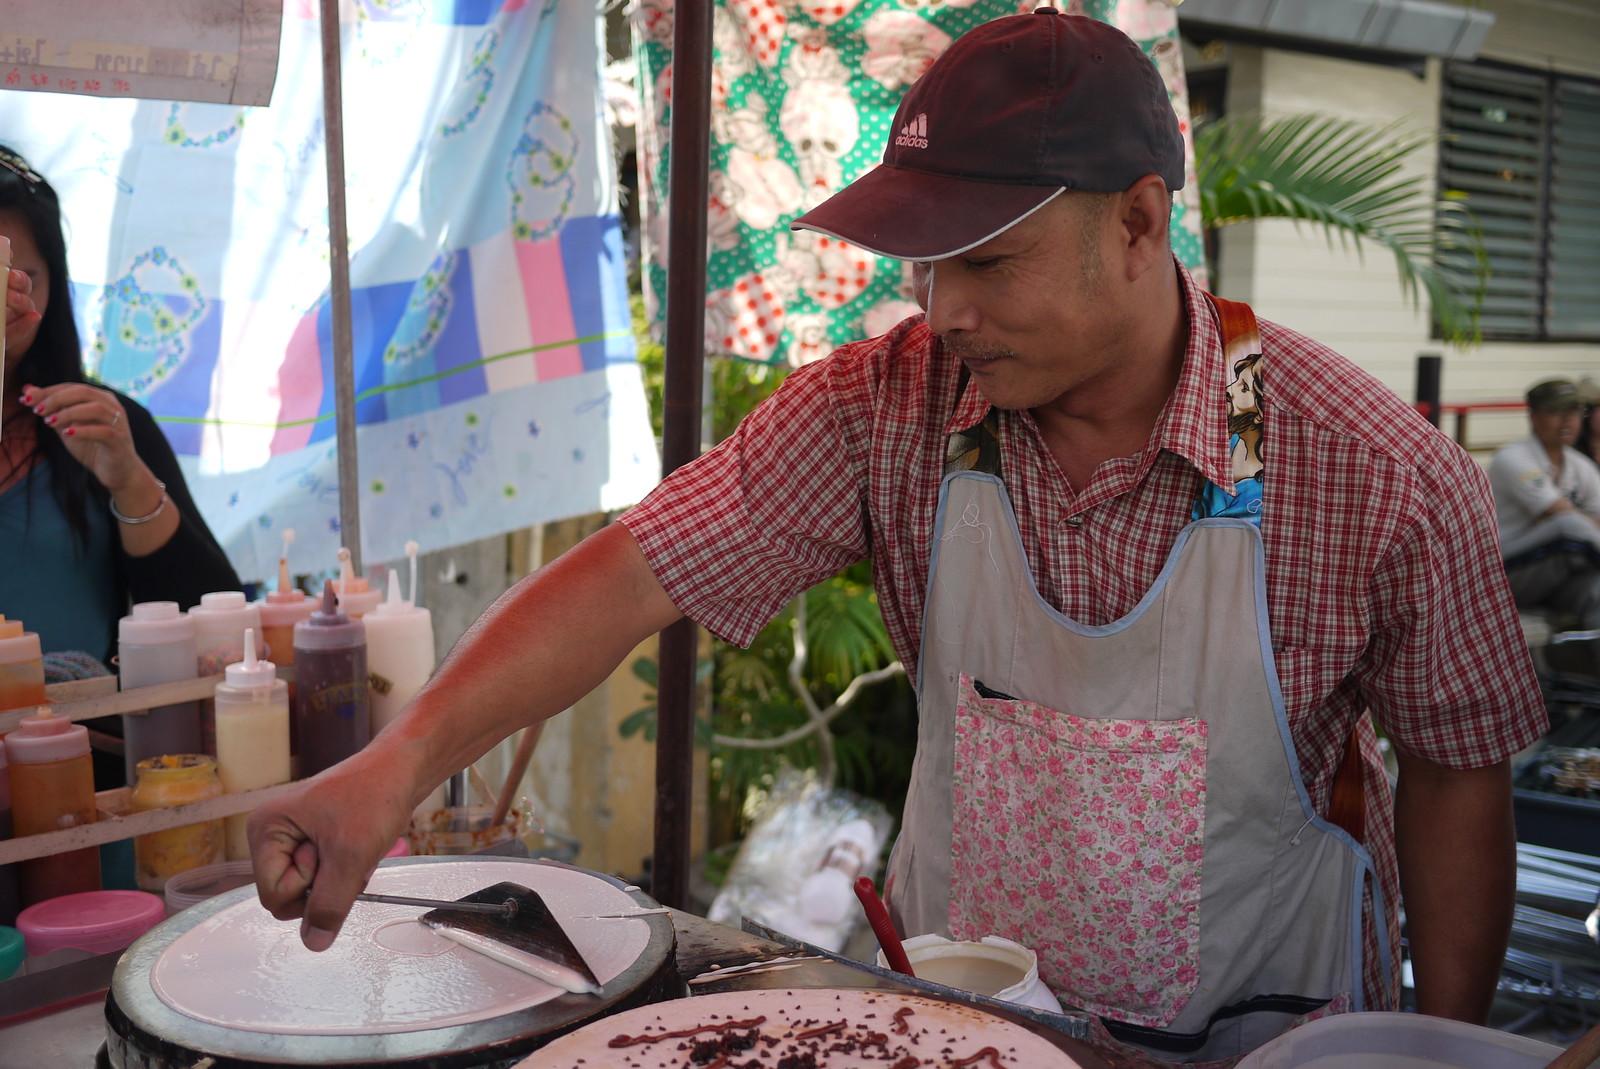 crepes in bo sang, chiang mai, thailand